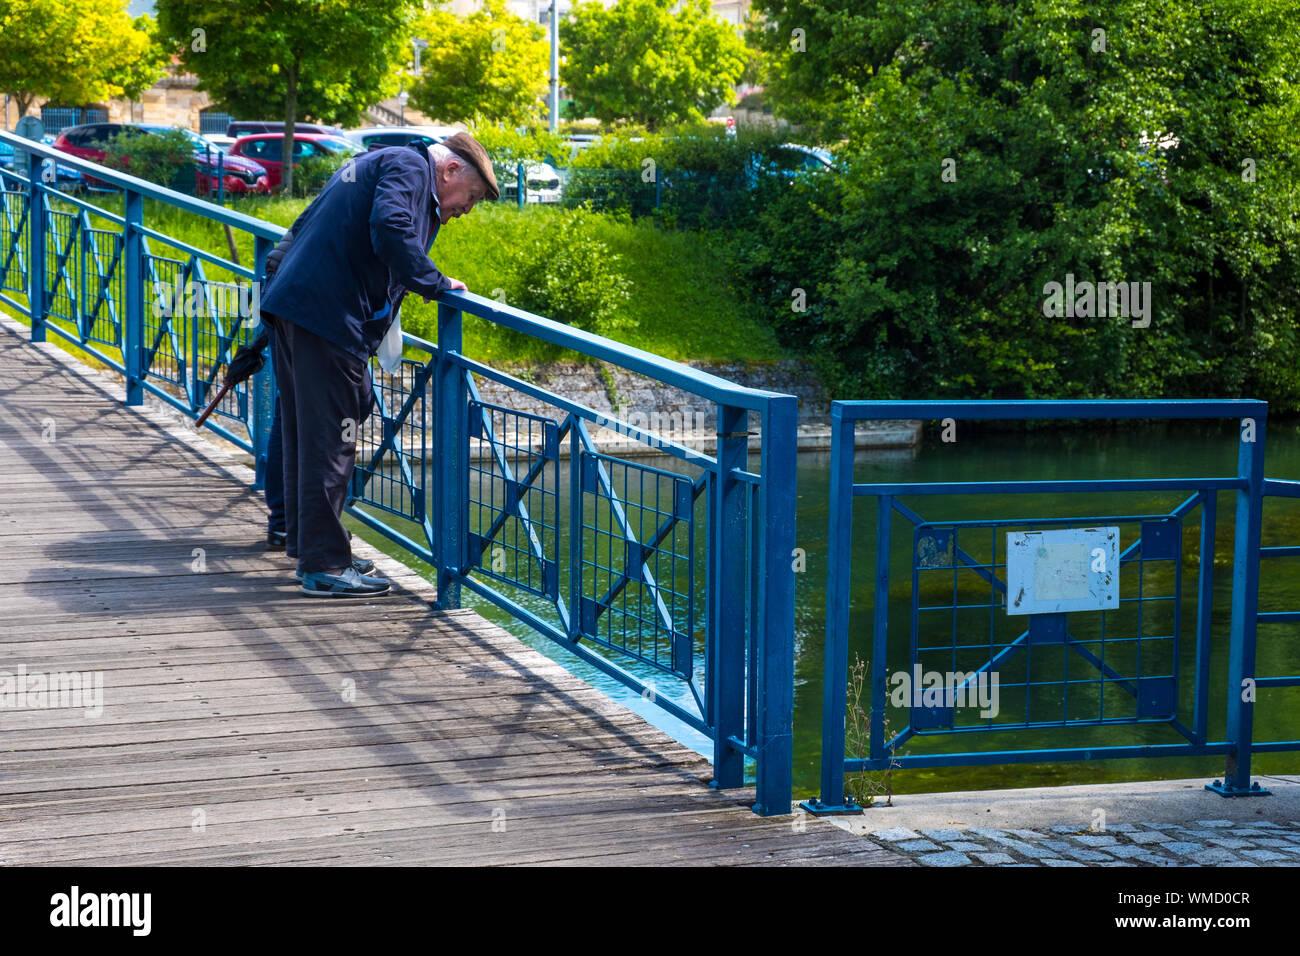 Niort, Francia - 11 de mayo de 2019: el anciano en un puente sobre un río de Sevres, en la parte vieja de la ciudad de Niort, Deux-Sevres, Francia Foto de stock